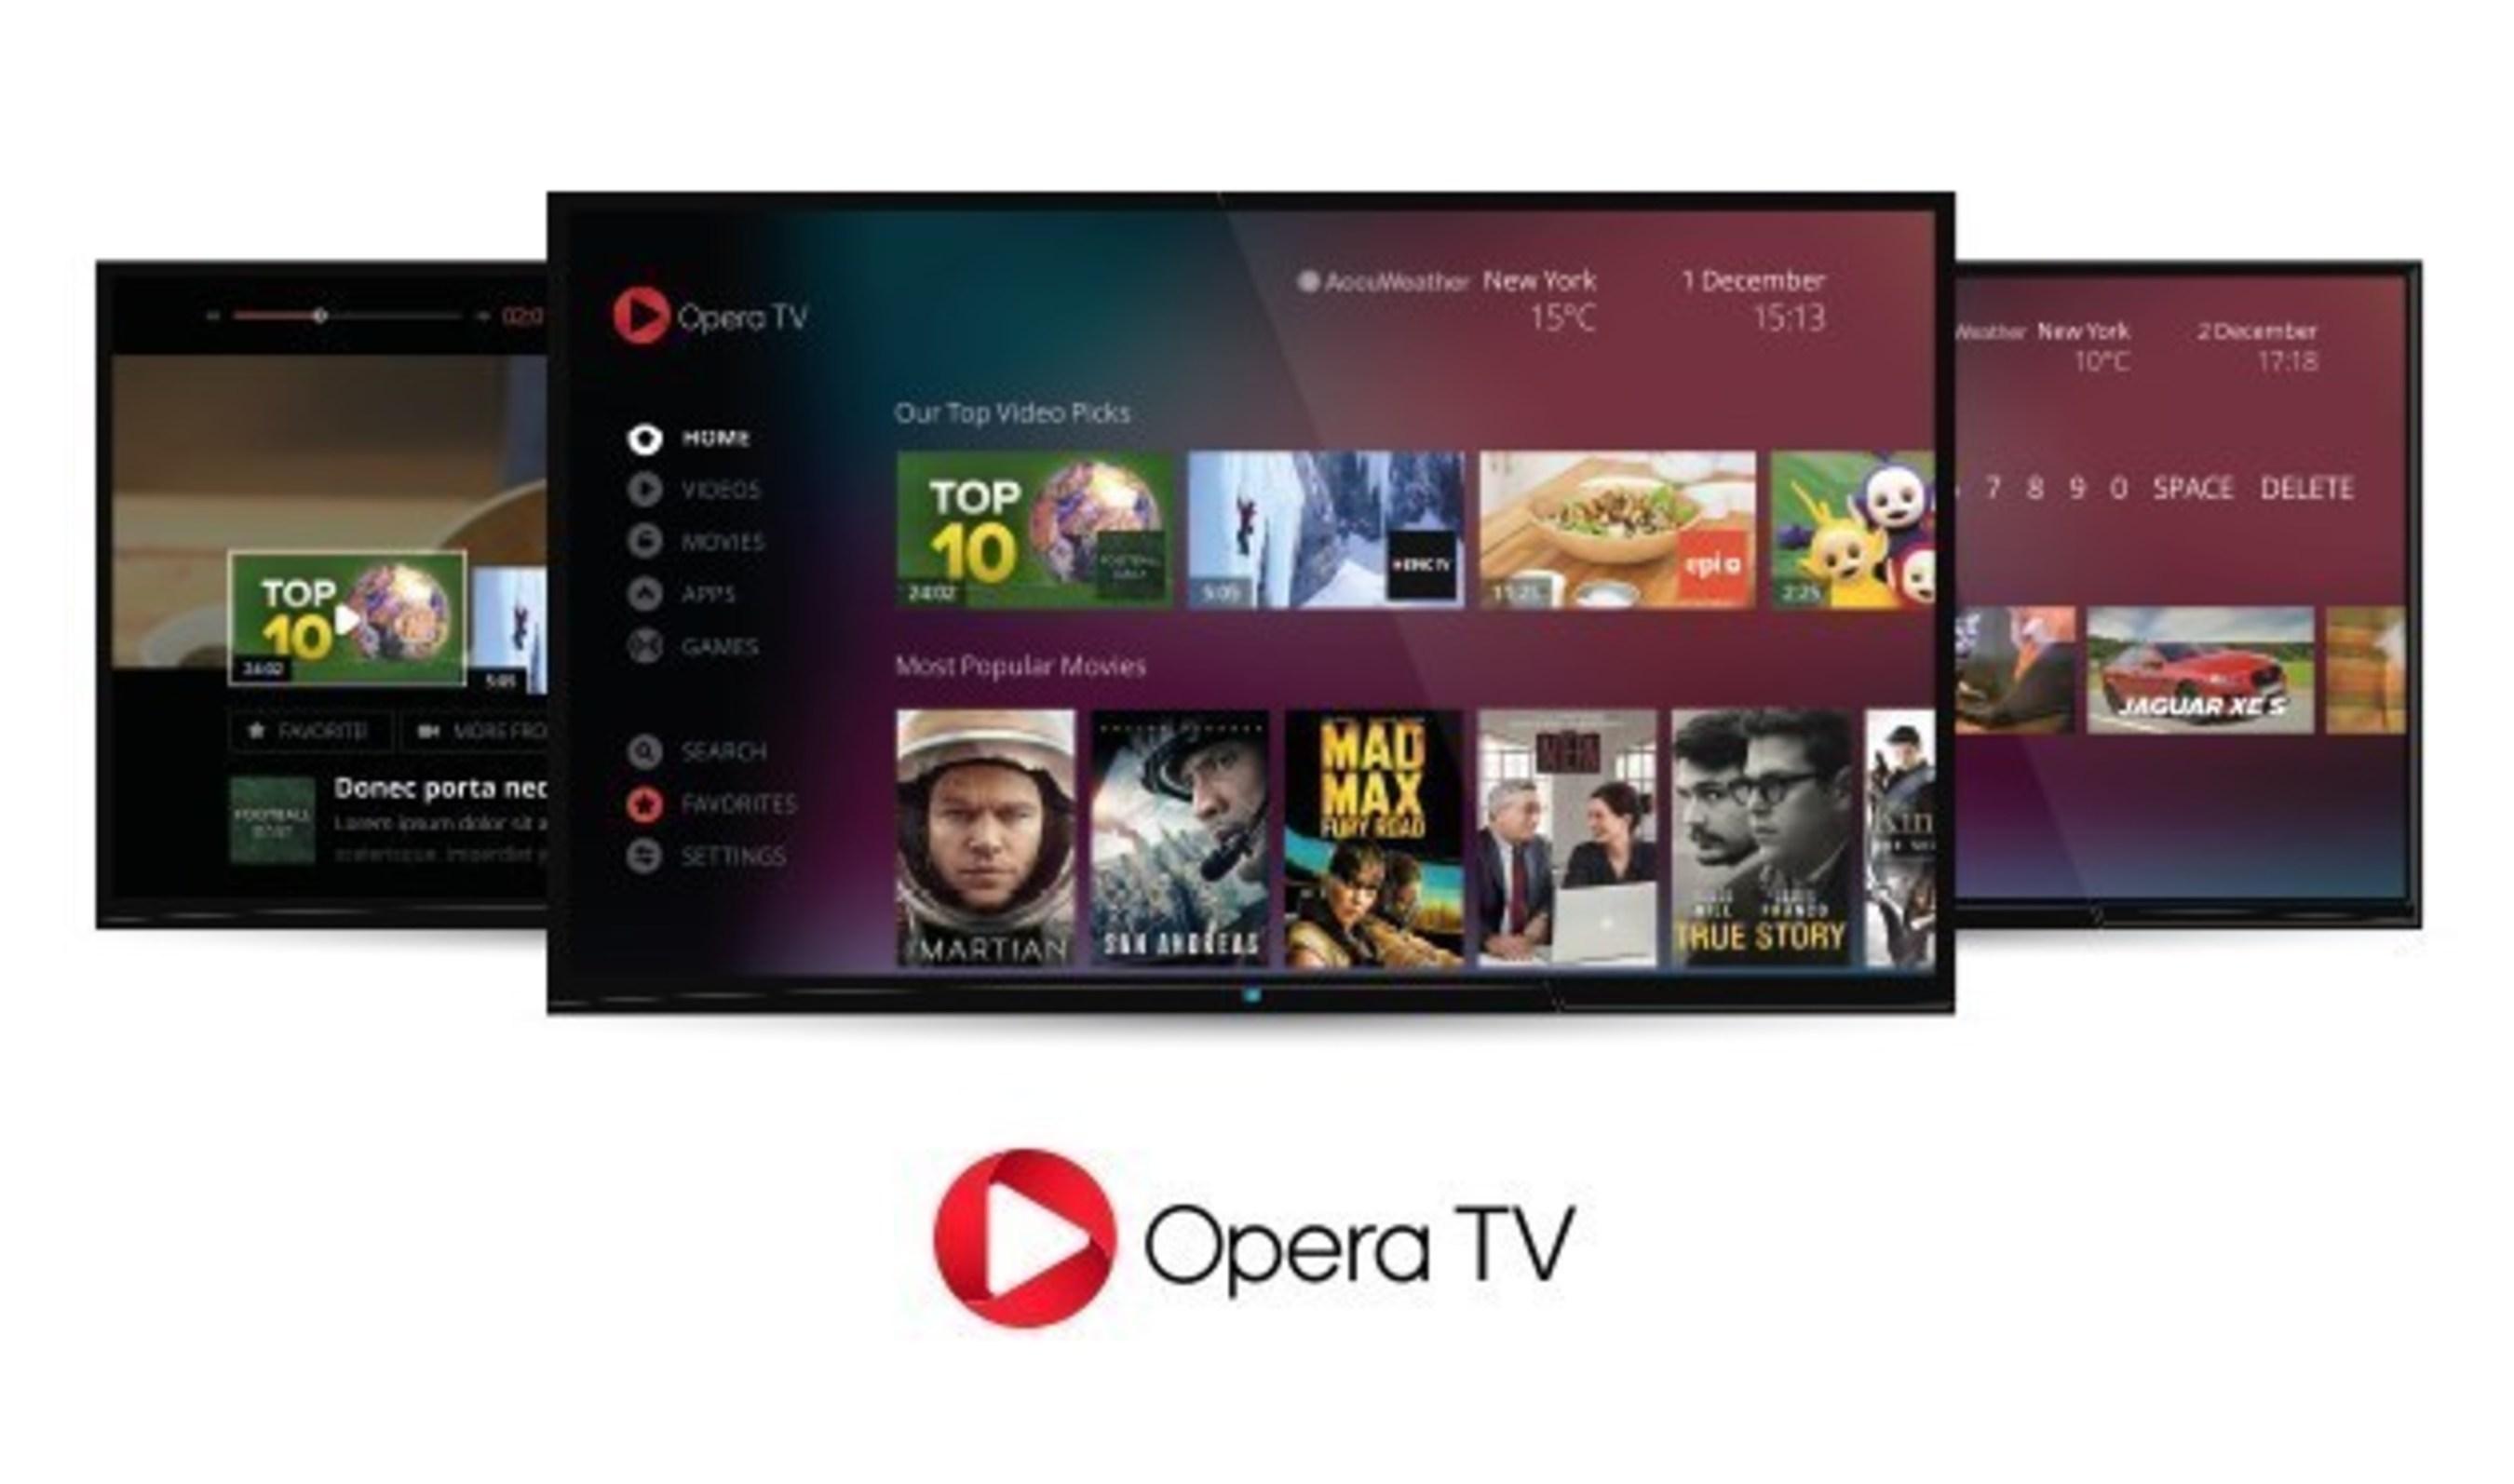 New Opera TV 2.0 debuts at CES 2016